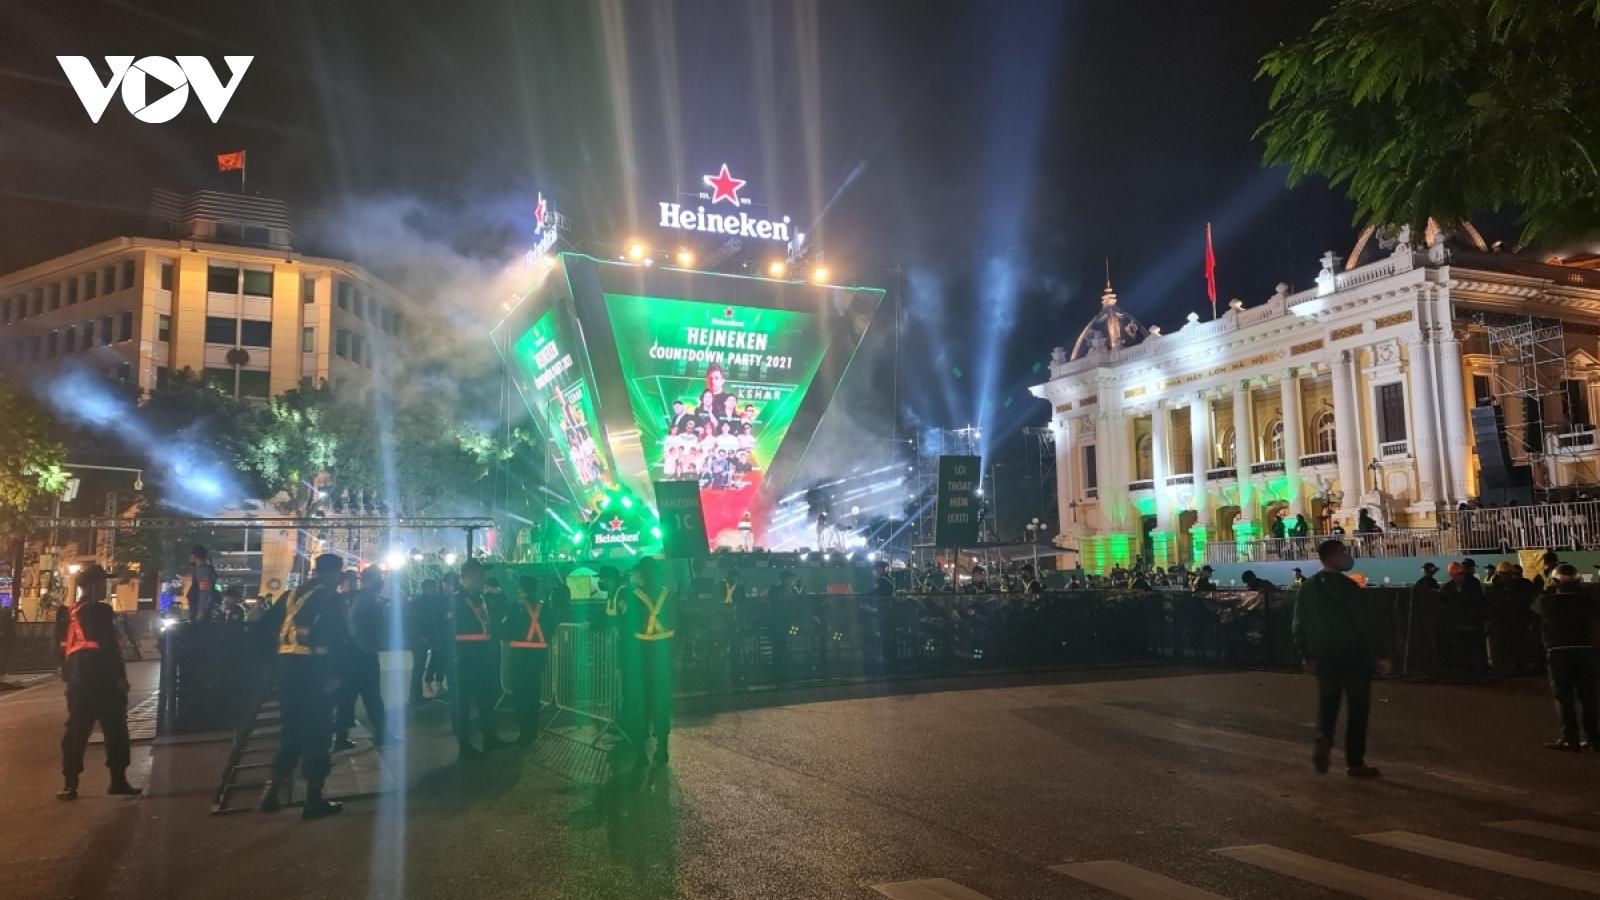 Cả nước tưng bừng các chương trình văn hoá nghệ thuật đón năm mới 2021